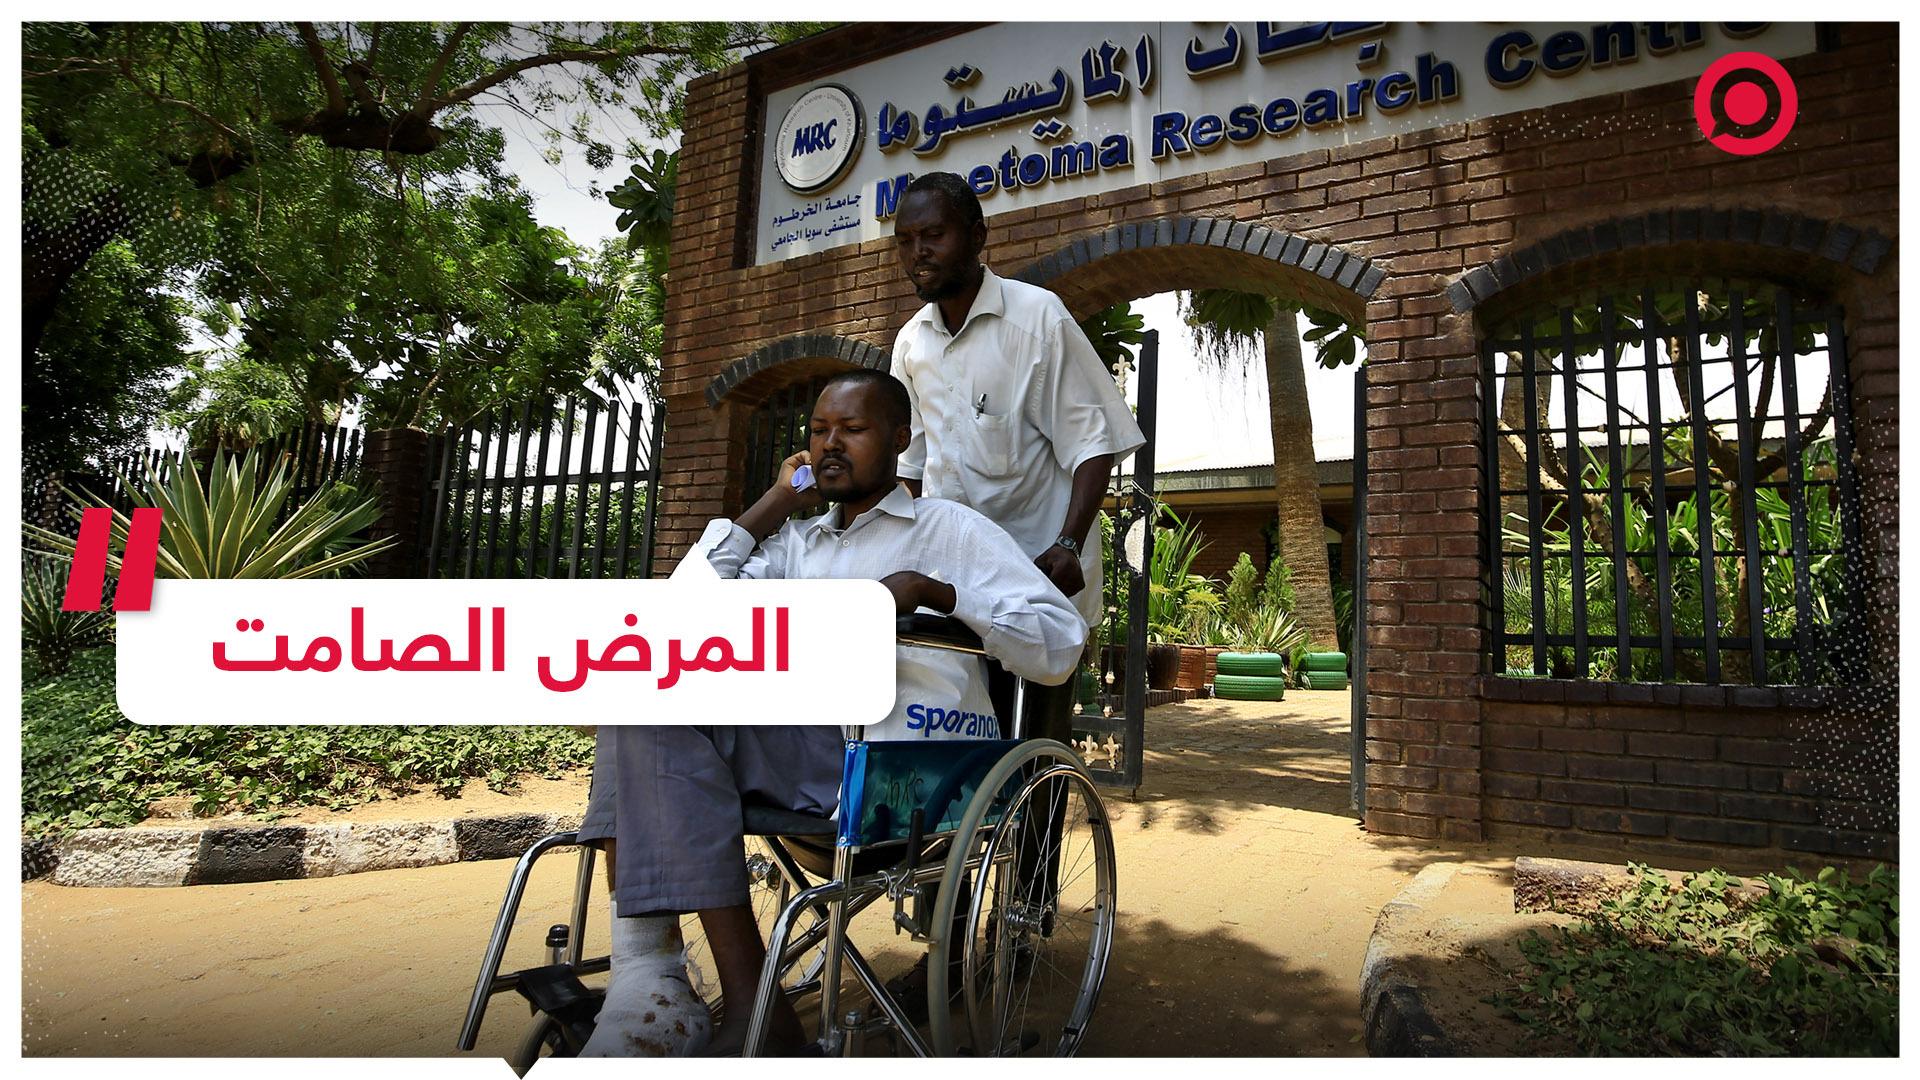 المايستوما.. مرض صامت يهدد آلاف السودانيين